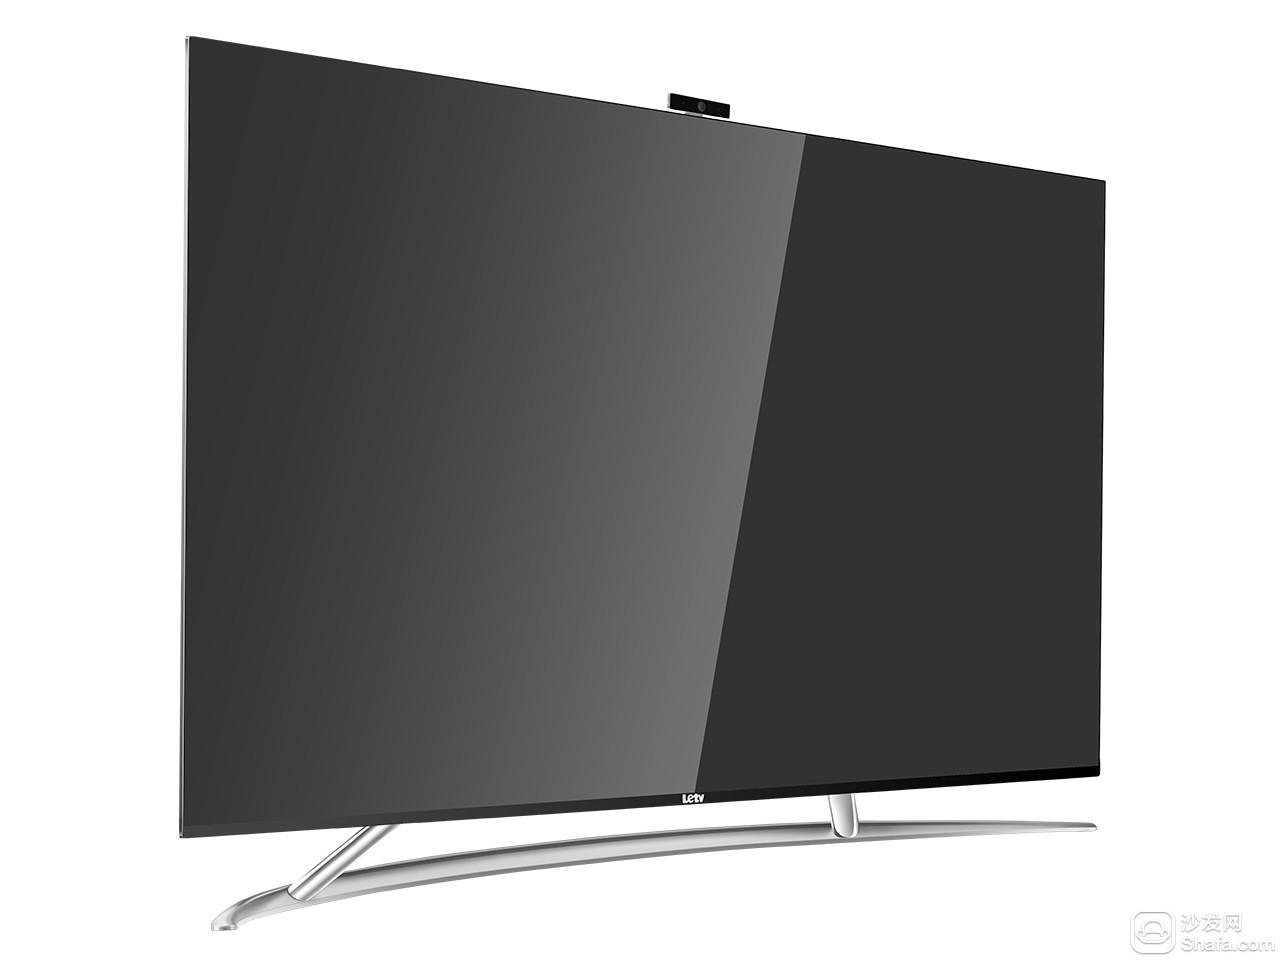 据IDC发布的市场报告预测,2014年数字电视市场将会占据液晶电视是市场的70%之多。可见倾情智能电视的朋友们越来越多了,但是你知道购买到电视之后需要做些什么,如何检查验收吗?今天我来帮大家悉数一下。   1、检查包装   收到电视的第一件事不是去拆箱,而是要去看看到底箱子有没有破损。液晶电视一直都是物流的难题,即便物流公司小心运输,也可能会出现问题。外包装纸箱,如果出现磕碰破损,有可能是锐器刮伤,一旦穿透了纸箱和缓冲层伤及屏幕或外壳,就有可能会造成不同程度的损坏。屏幕裂开这样的事情一般都是因为包装箱